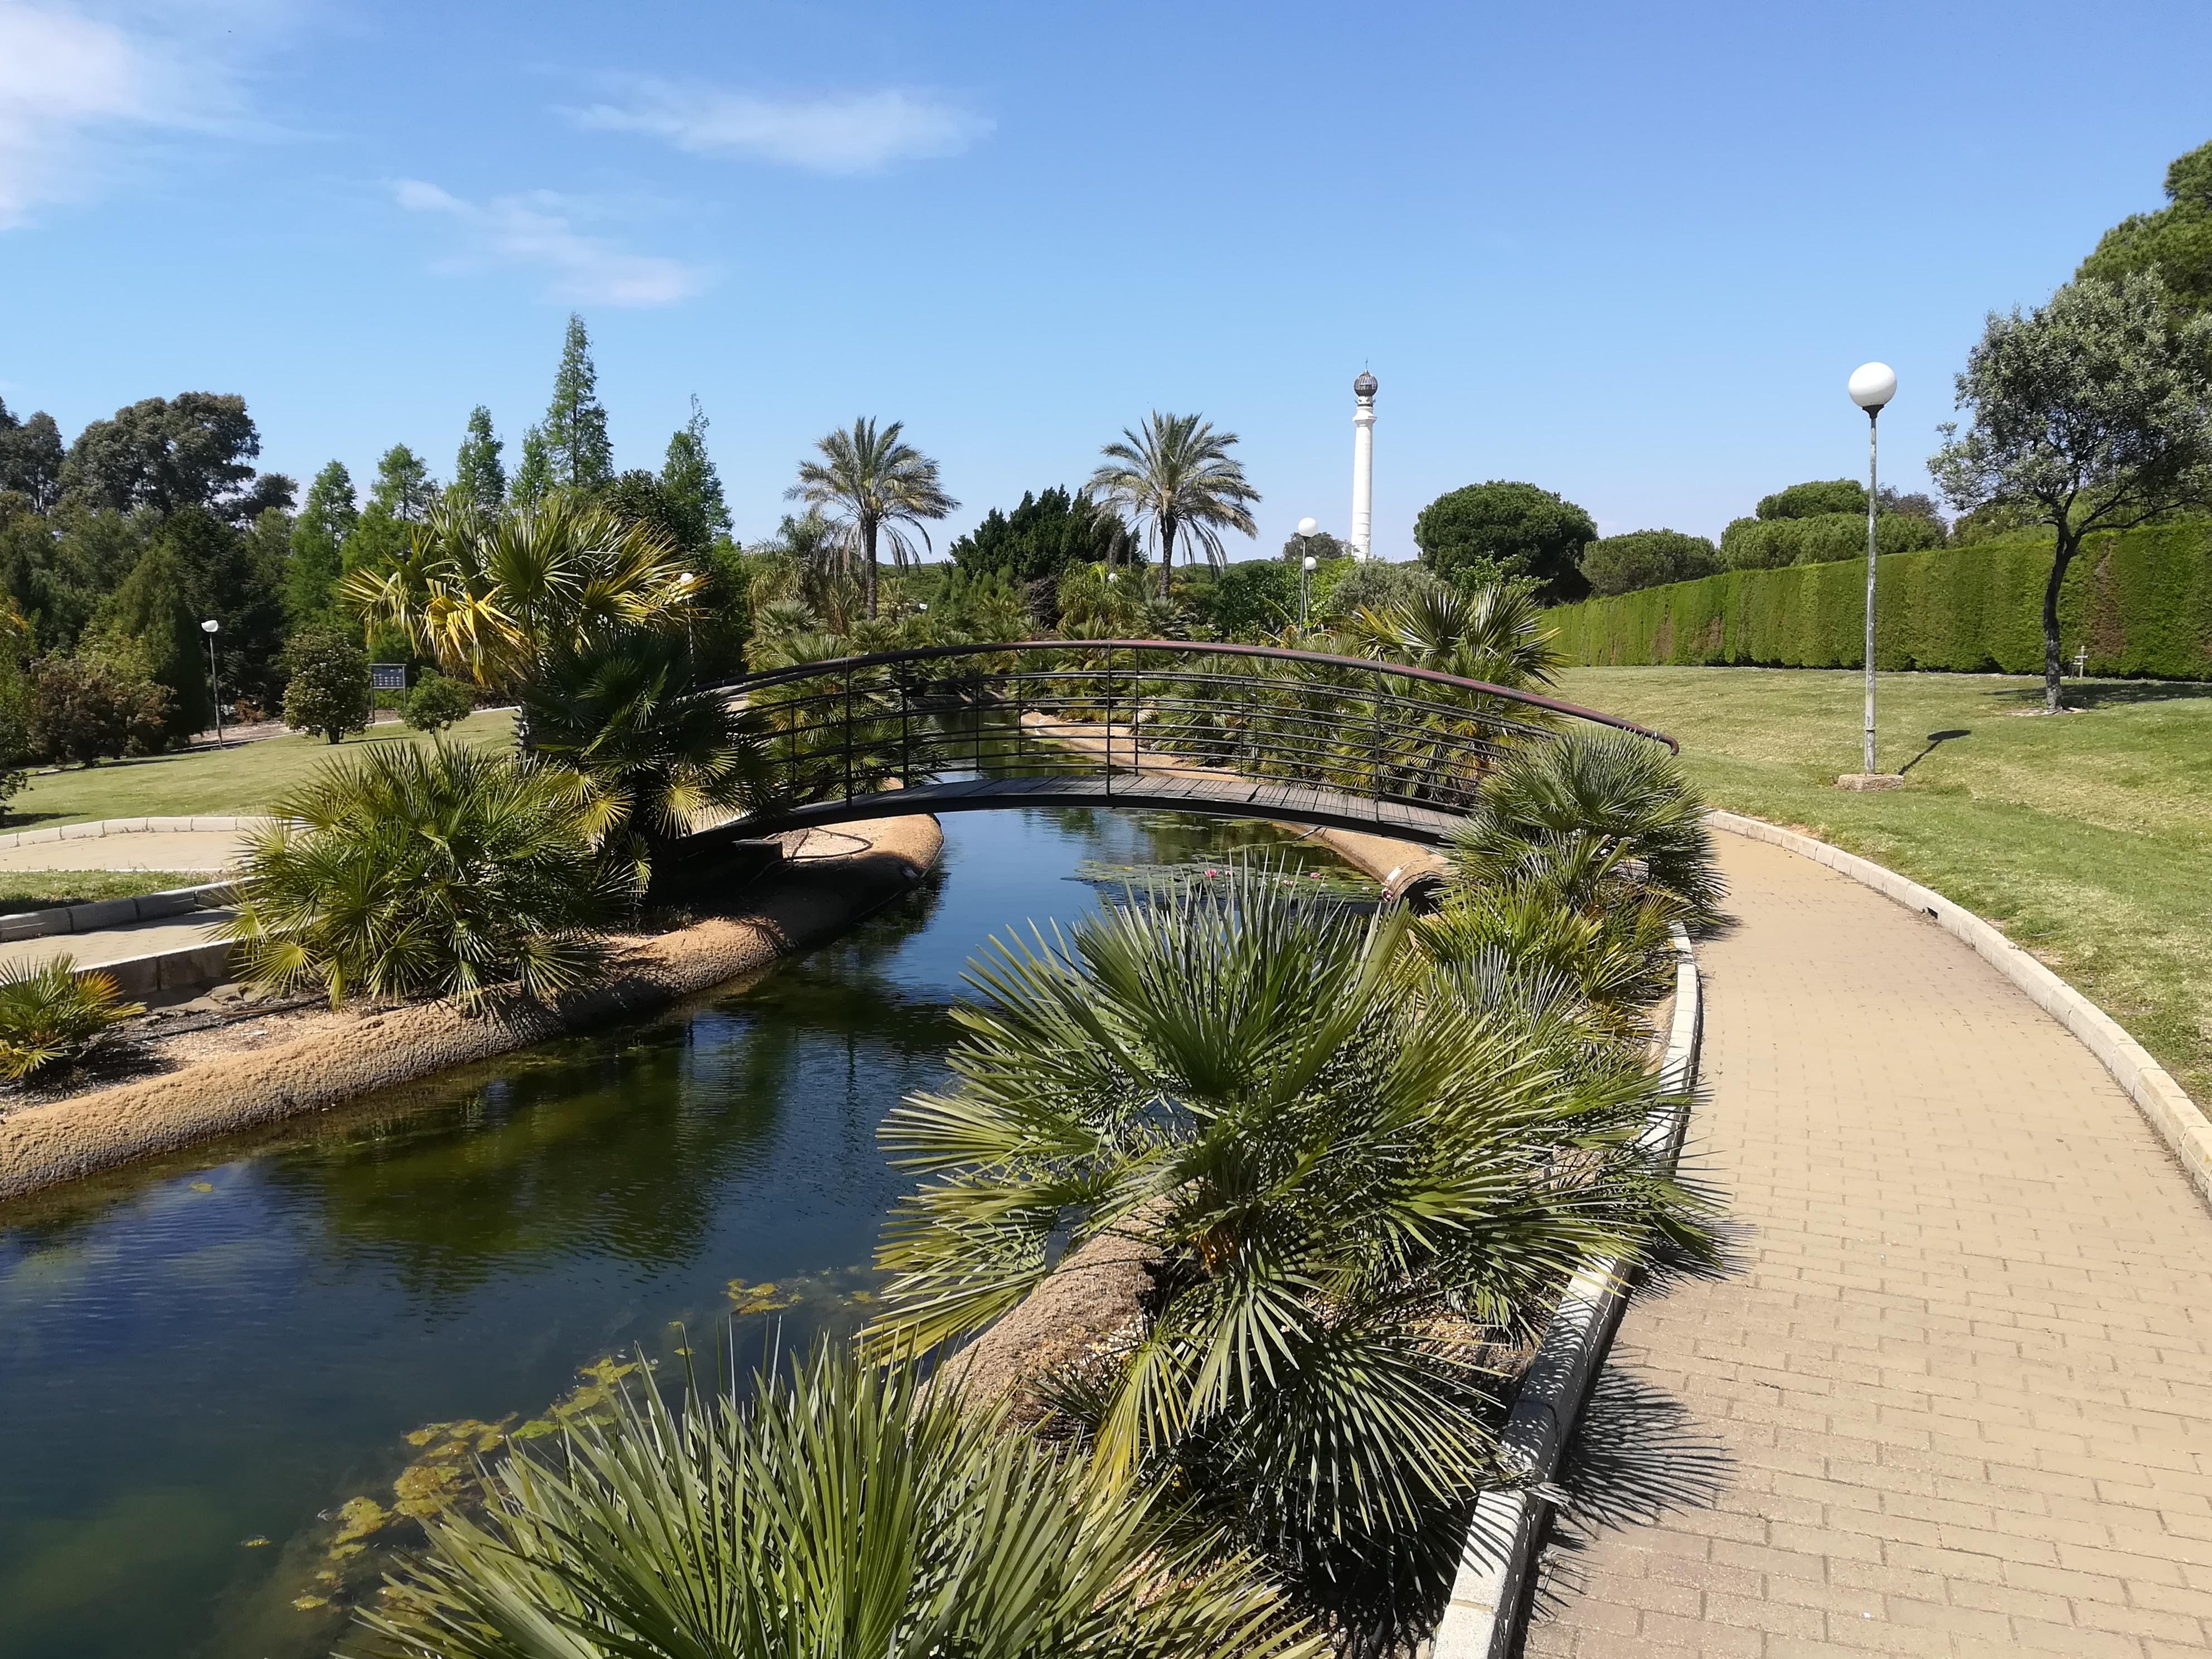 File:Parque Botánico José Celestino Mutis 08.jpg - Wikimedia ...